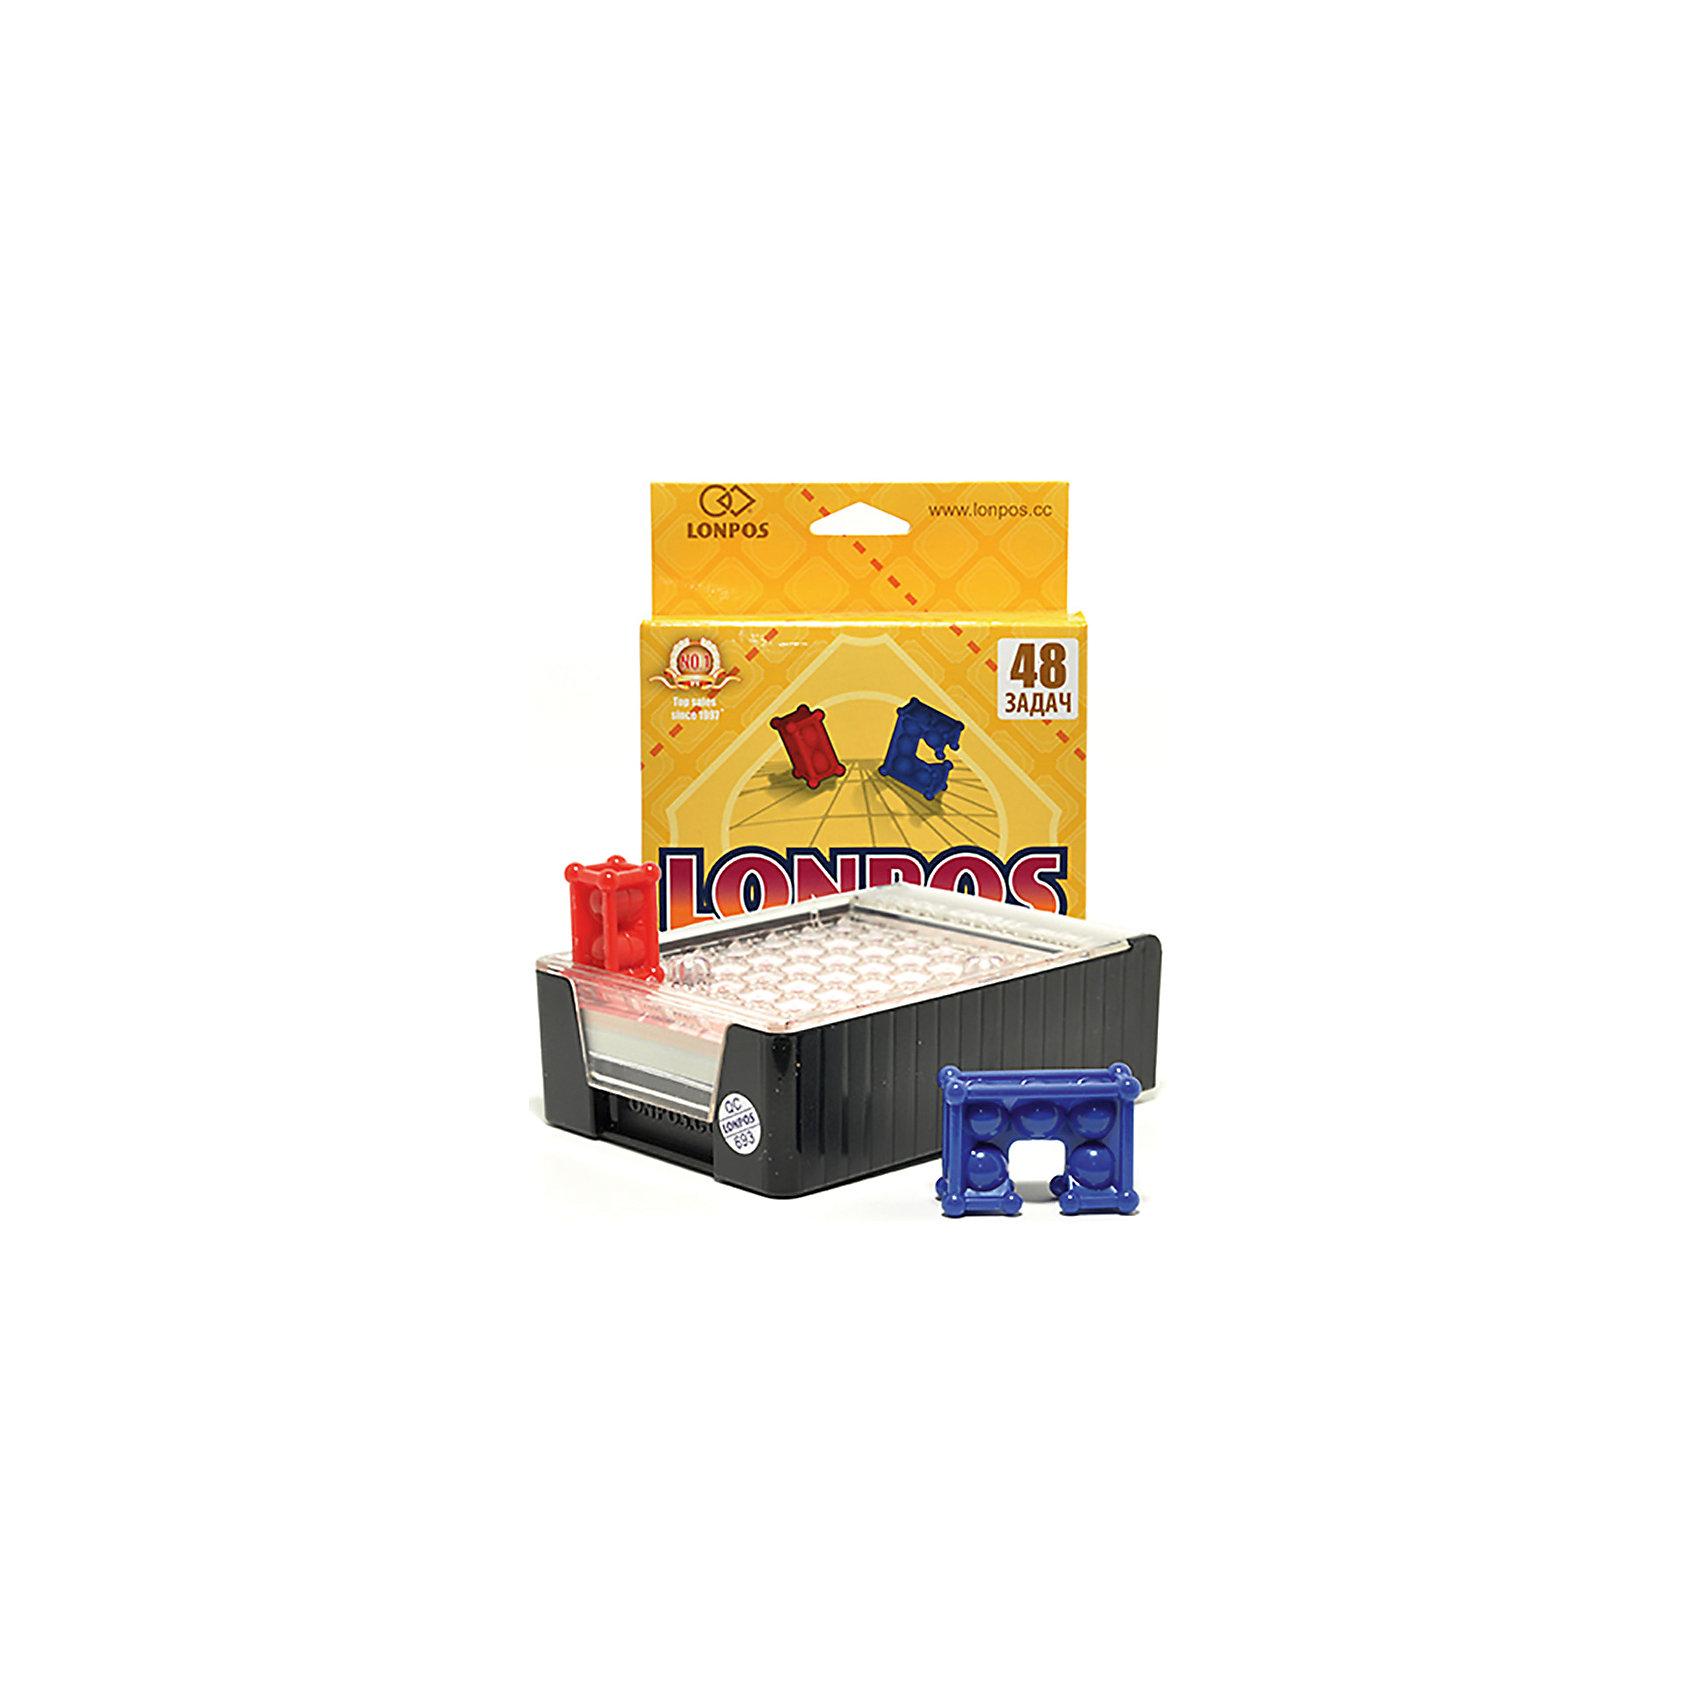 Головоломка Coco Cross 48 задач, LonposИгры в дорогу<br>Головоломка Coco Cross 48 задач, Lonpos<br><br>Характеристики:<br><br>- в набор входит: поле, 2 фигурки, задания<br>- материал: пластик, металл, картон<br>- размер упаковки: 11,5 * 4 * 15,5 см. <br>- вес: 200 гр.<br><br>Головоломка Coco Cross (Коко Кросс) от знаменитого бренда развивающих головоломок для детей Lonpos (Лонпос) добавит новизны в коллекцию игрушек и головоломок ребенка. Задача головоломки дойти от старта к финишу в заданное количество ходов по игровому полю красной (более легкий уровень) или синей (продвинутый уровень) фигуркой перекатывая ее по полю и обходя препятствия. В набор входит 48 карточек – это и есть поля, которые усложняются с каждой игрой. В поле встроены утяжелители для большей реалистичности препятствий. Имея под рукой несколько головоломок можно устраивать веселые соревнования на время. Яркая и интересная игрушка поможет развить логическое мышление, внимание, моторику и терпение. Головоломка упакована в фирменную стильную коробку.<br><br>Головоломку Coco Cross 48 задач, Lonpos (Лонпос) можно купить в нашем интернет-магазине.<br><br>Ширина мм: 34<br>Глубина мм: 154<br>Высота мм: 115<br>Вес г: 182<br>Возраст от месяцев: 72<br>Возраст до месяцев: 2147483647<br>Пол: Унисекс<br>Возраст: Детский<br>SKU: 5191415